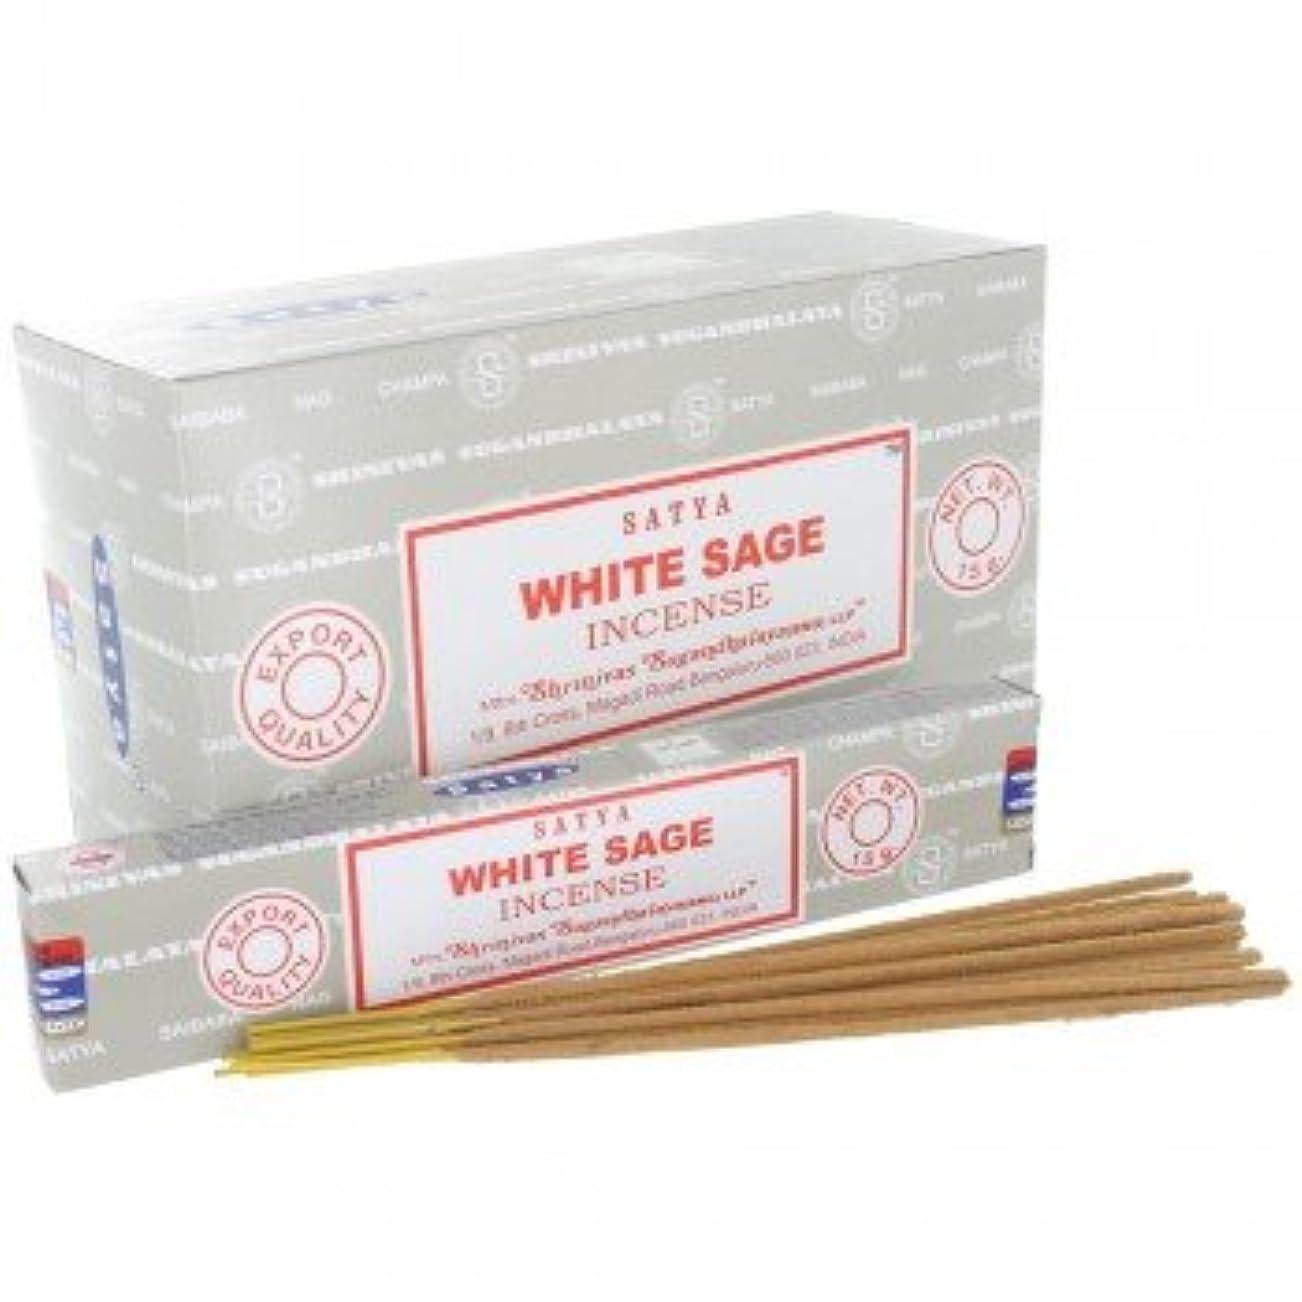 代数的解凍する、雪解け、霜解け酔ったSATYA WHITE SAGE ホワイトセージ 聖なる樹 浄化 お香 スティック 約15g入 (1個) [並行輸入品]